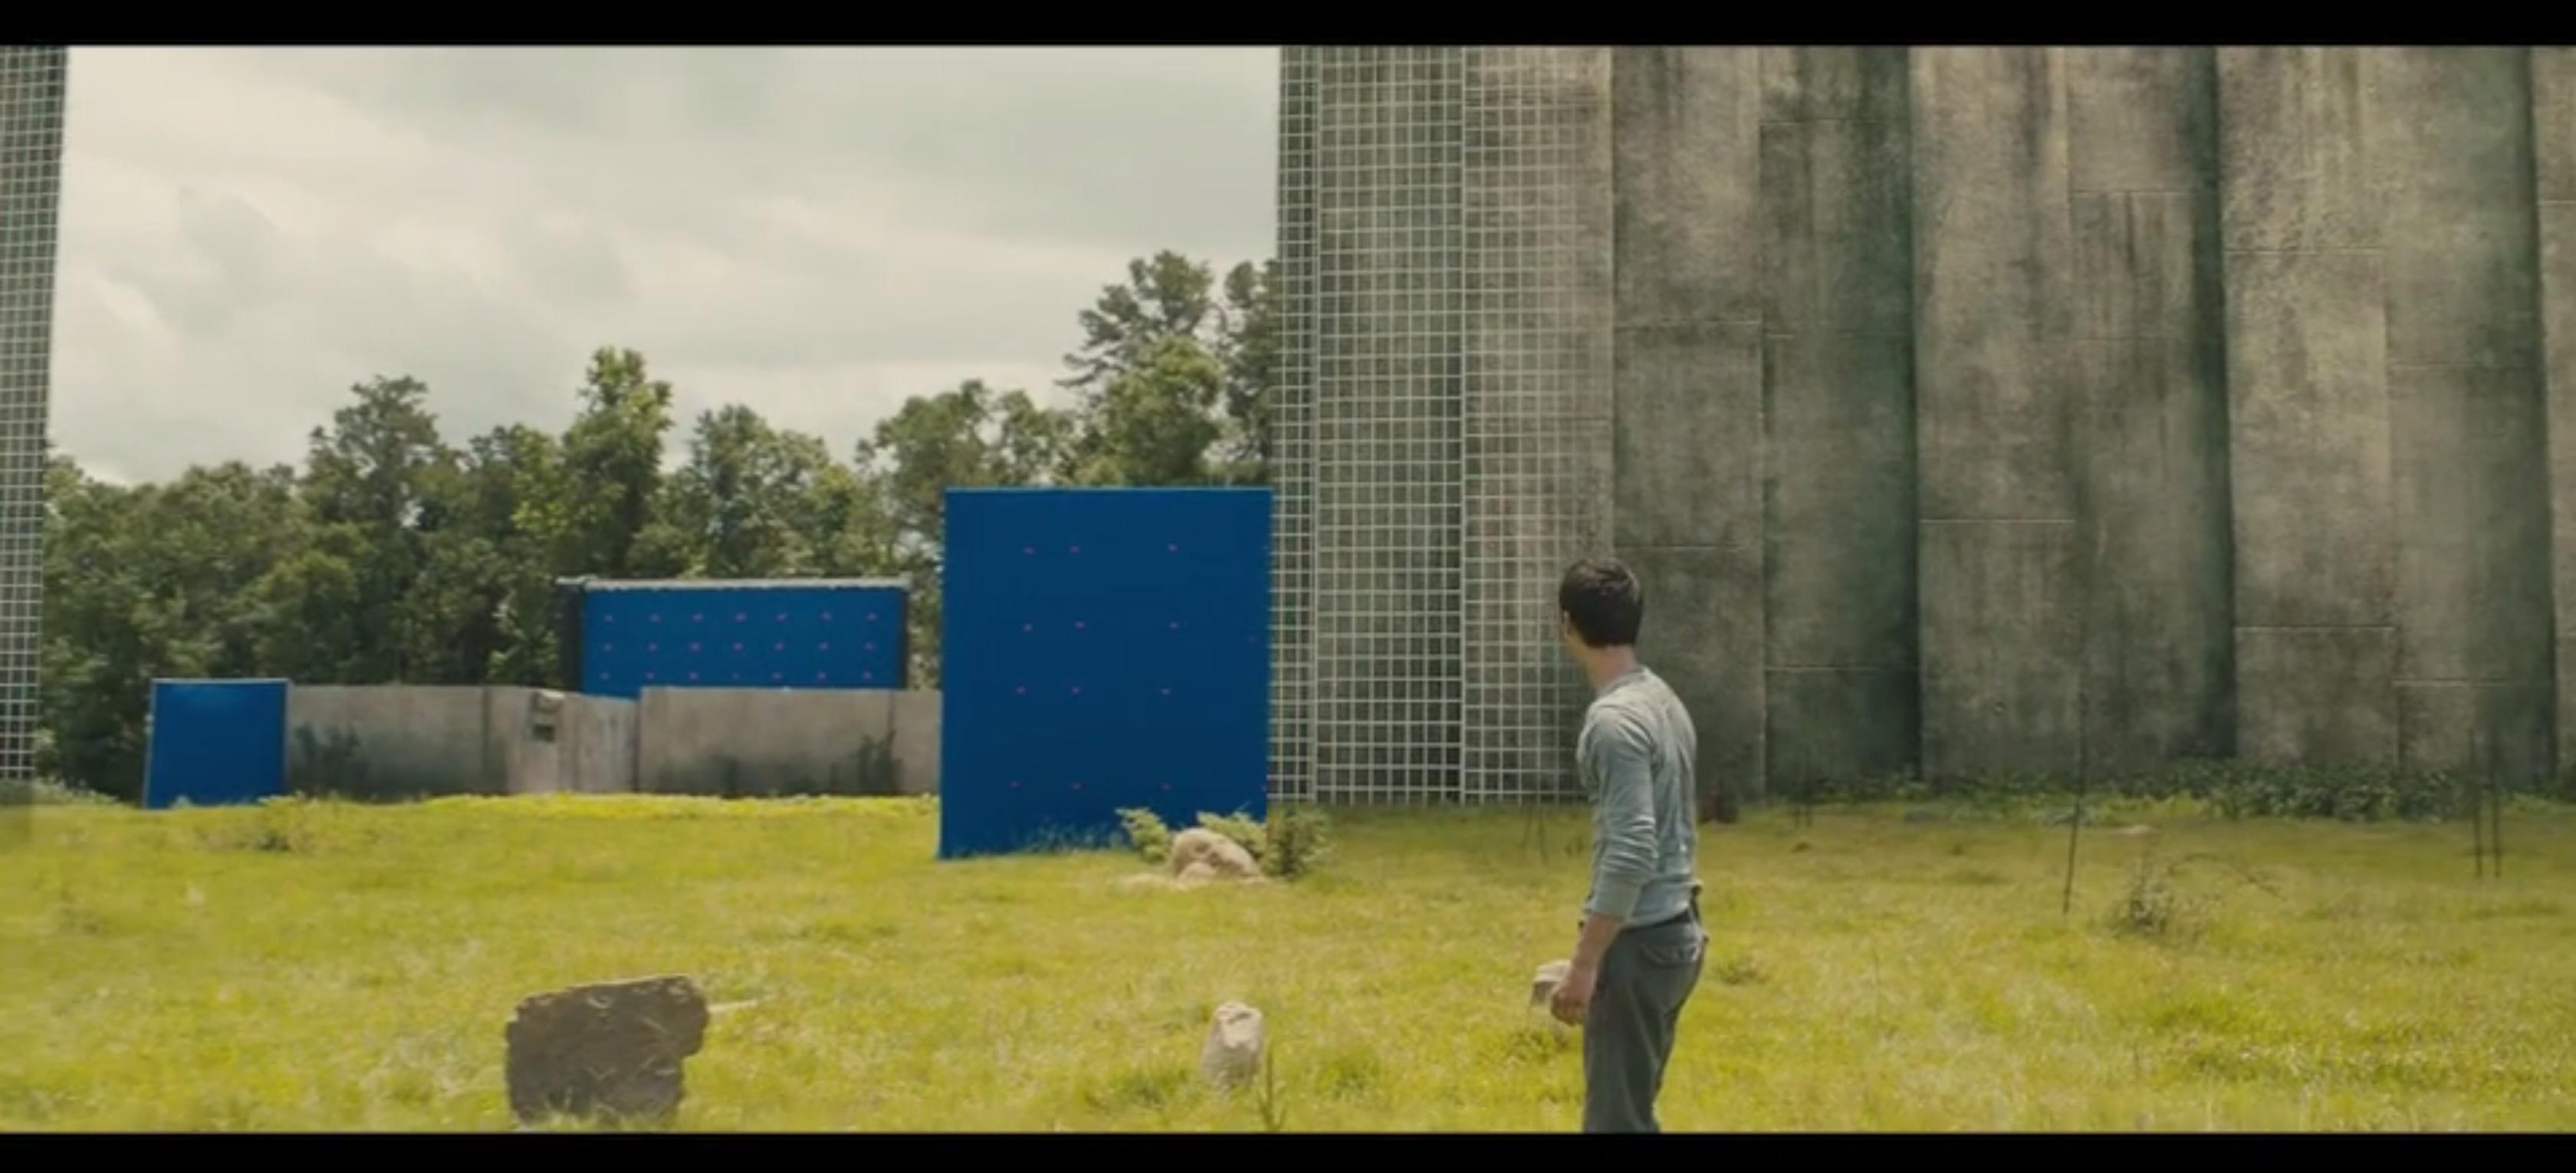 The-Maze-Runner-VFX-Breakdown_3dart